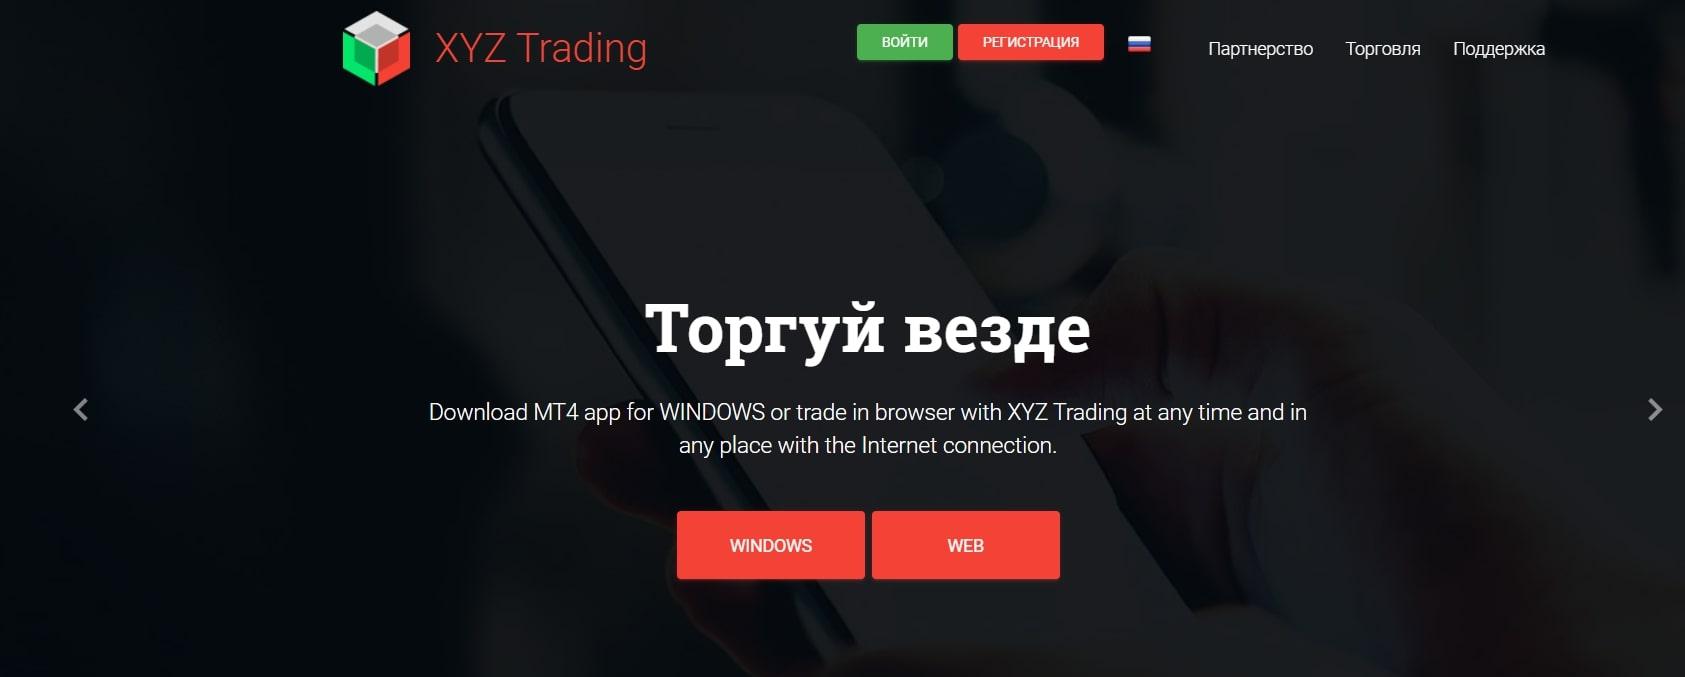 Отзывы о XYZ Trading: что думают трейдеры о брокере? реальные отзывы